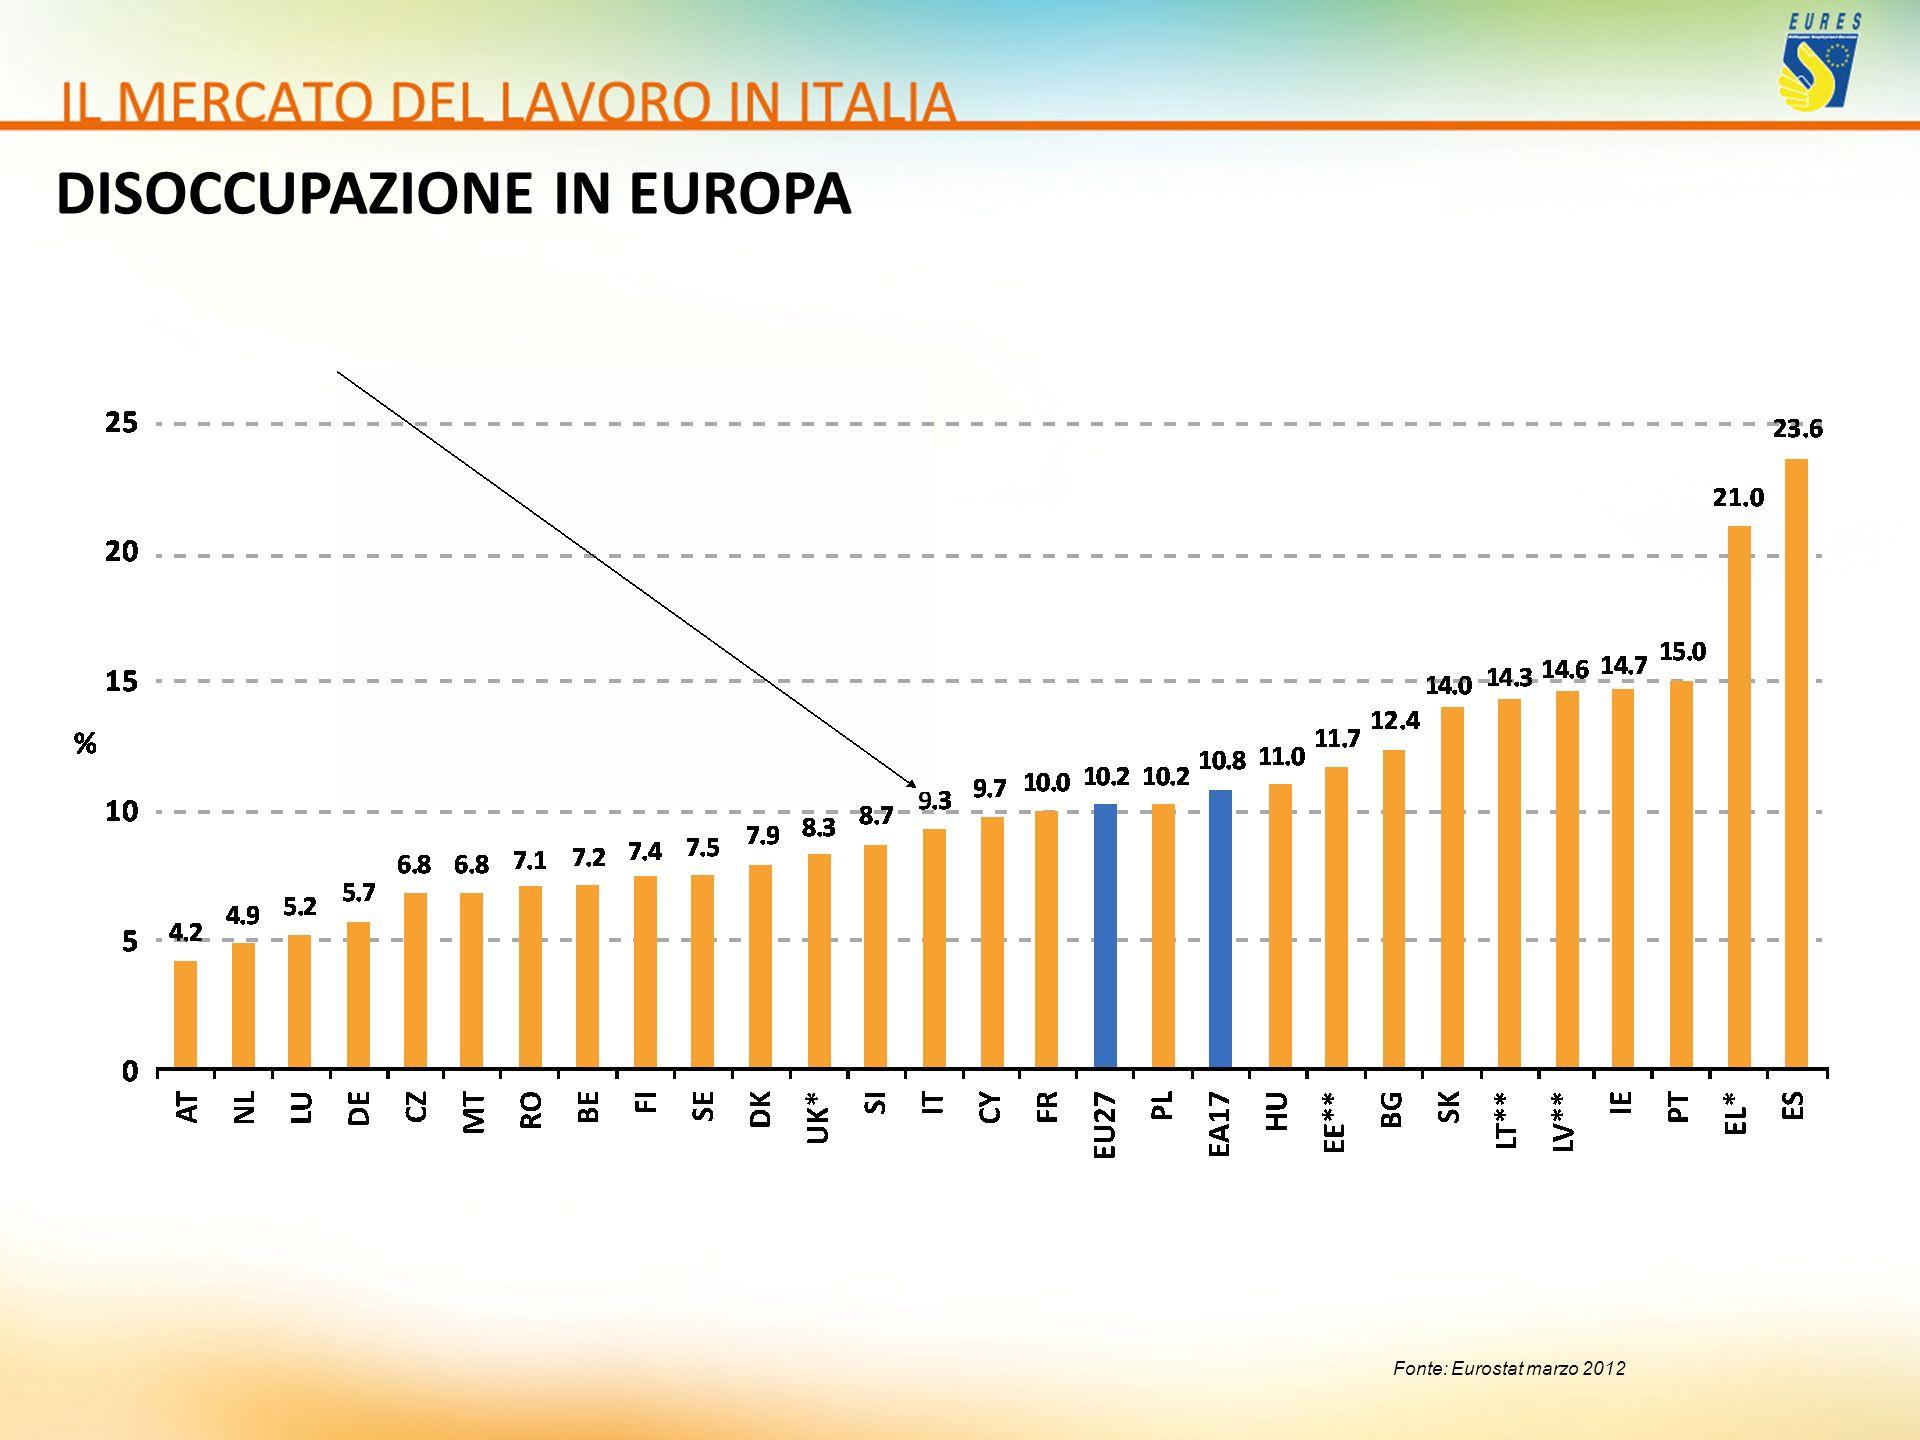 DISOCCUPAZIONE IN EUROPA